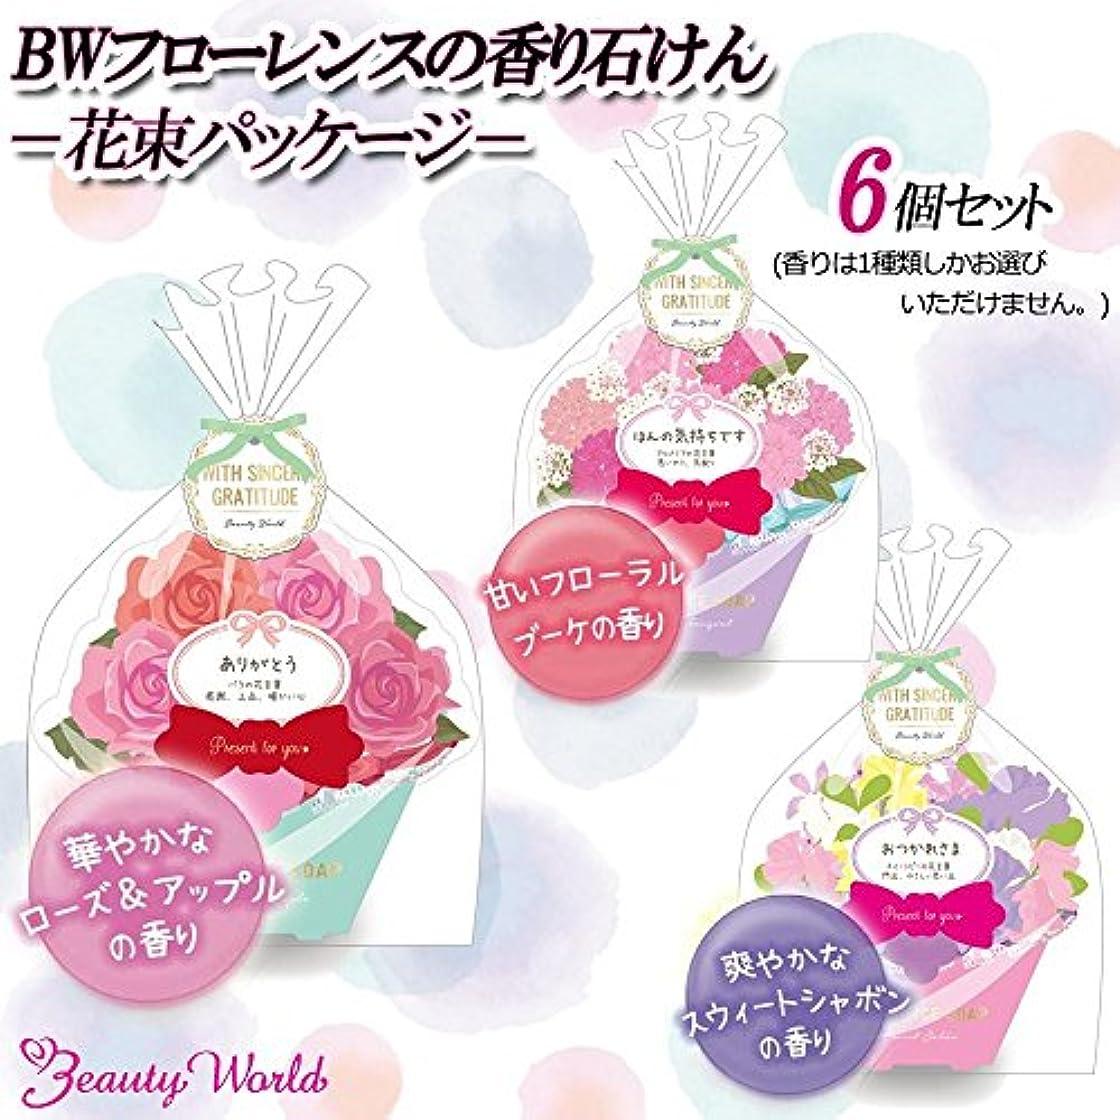 香水スナッチシネマビューティーワールド BWフローレンスの香り石けん 花束パッケージ 6個セット ■2種類の内「FSP383・スウィートシャボン」を1点のみです